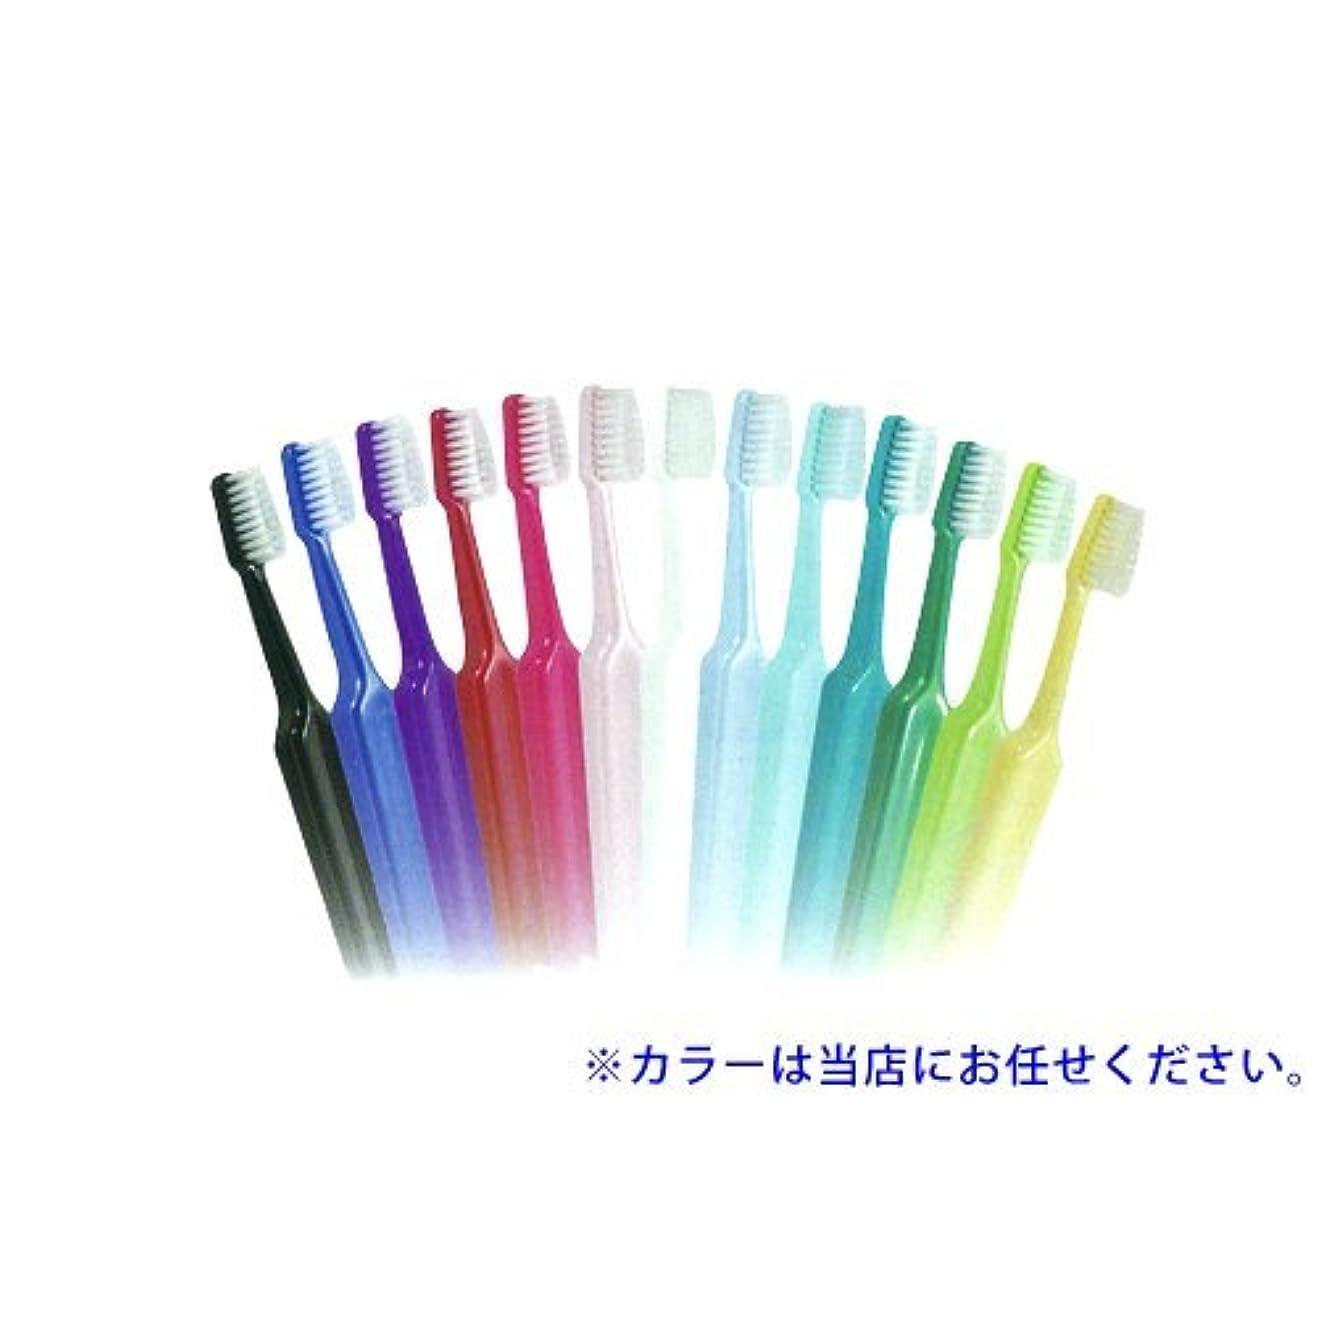 認可反乱未払いクロスフィールド TePe テペ セレクトコンパクト 歯ブラシ 1本 コンパクト ミディアム